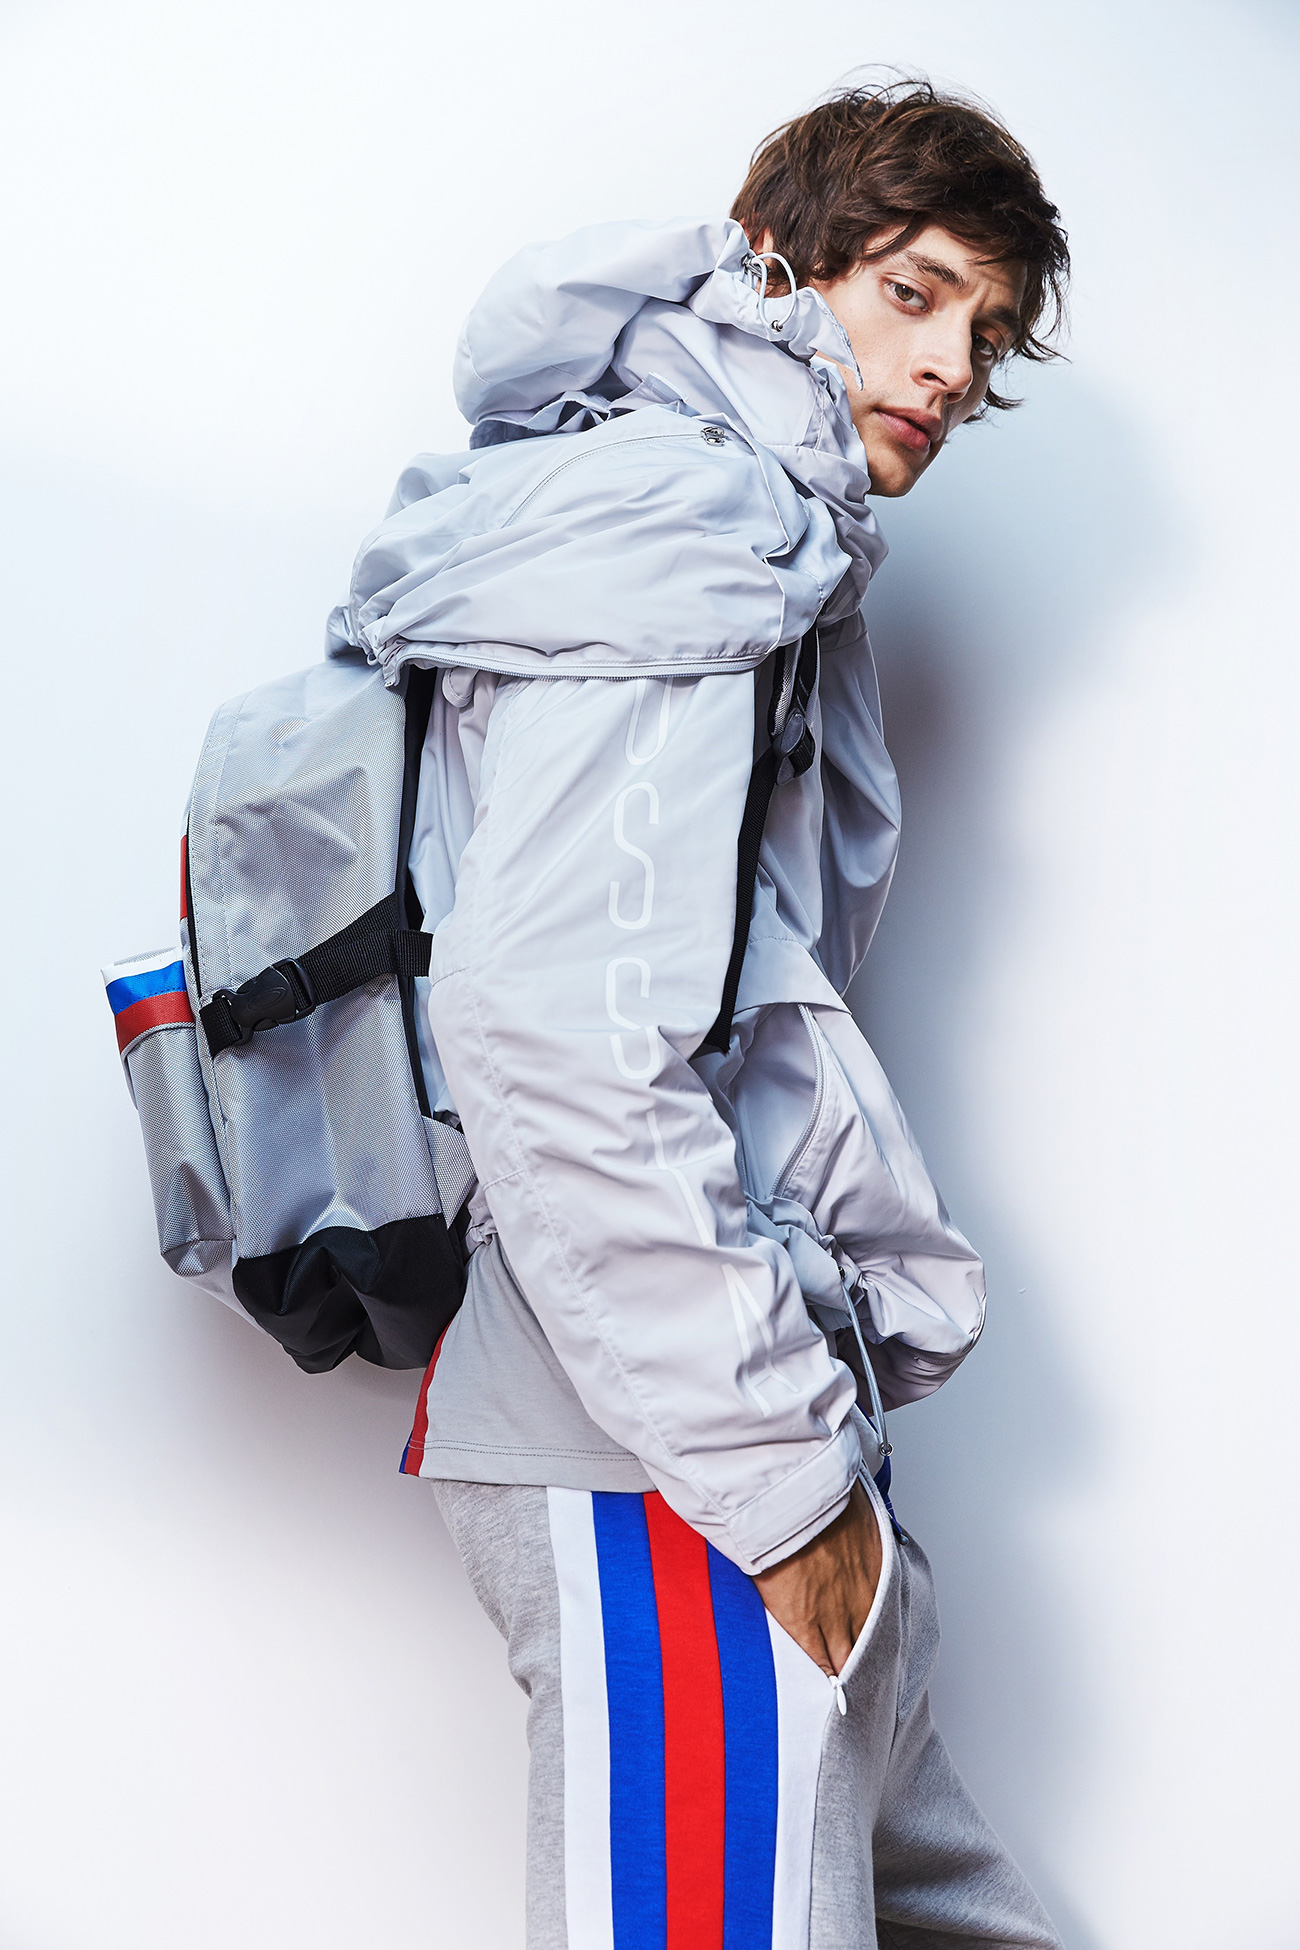 Дизајнери су консултовали спортисте око нових дресова, да би били сигурни да ће они бити удобни и што је још важније модерни.